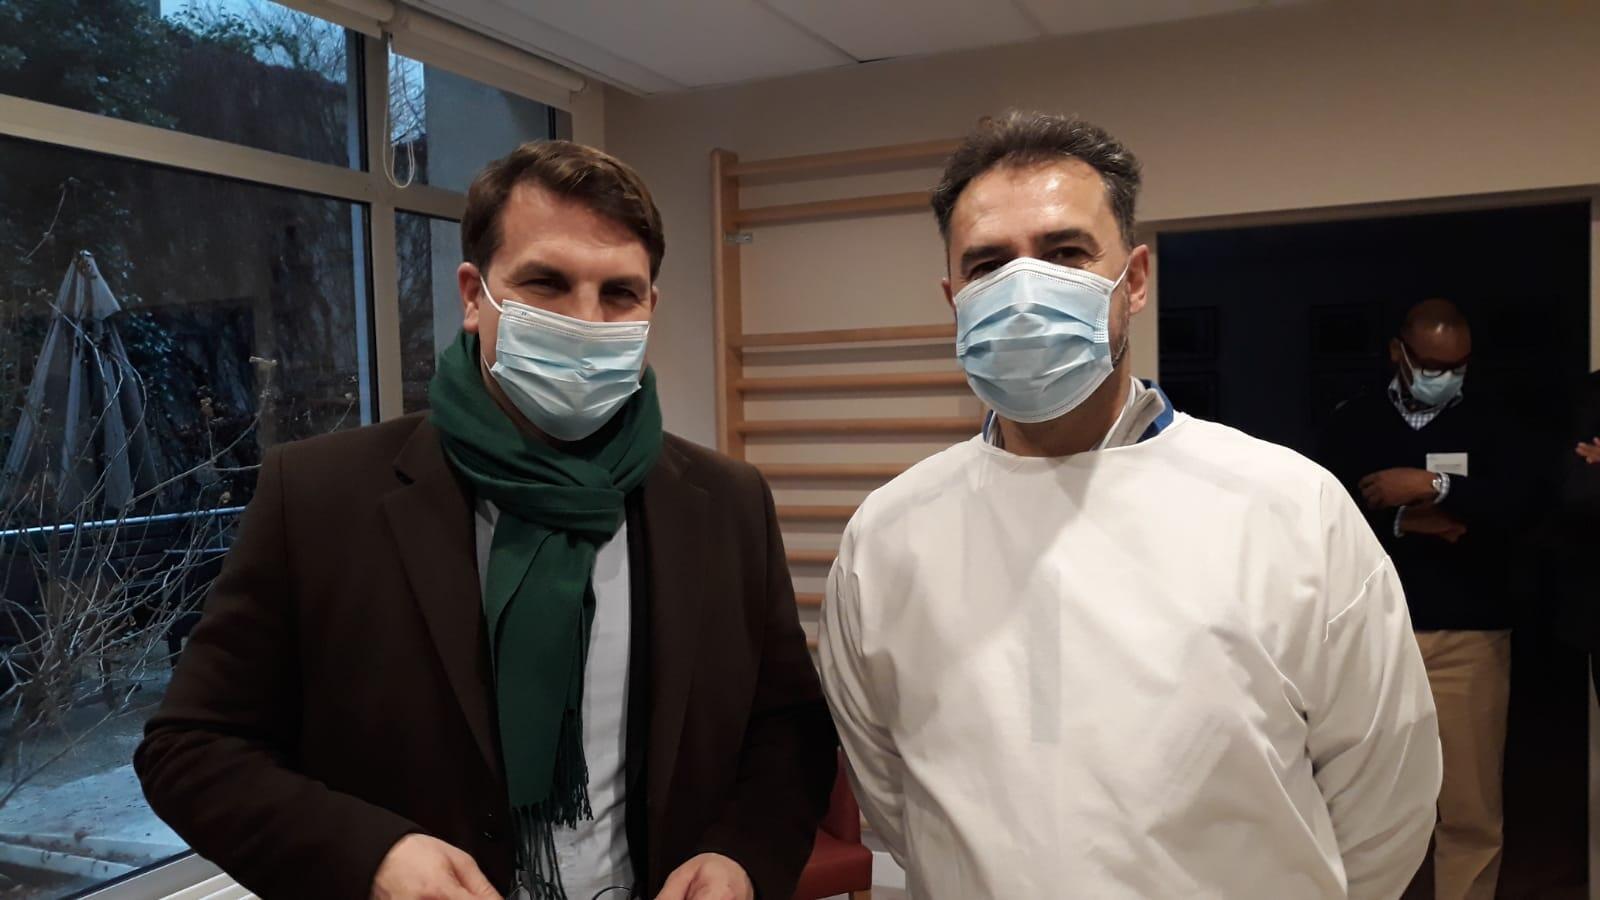 Le maire du XVIIe arrondissement, Geoffroy Boulard et le médecin coordinateur de l'Ehpad, Christophe Gauthier.